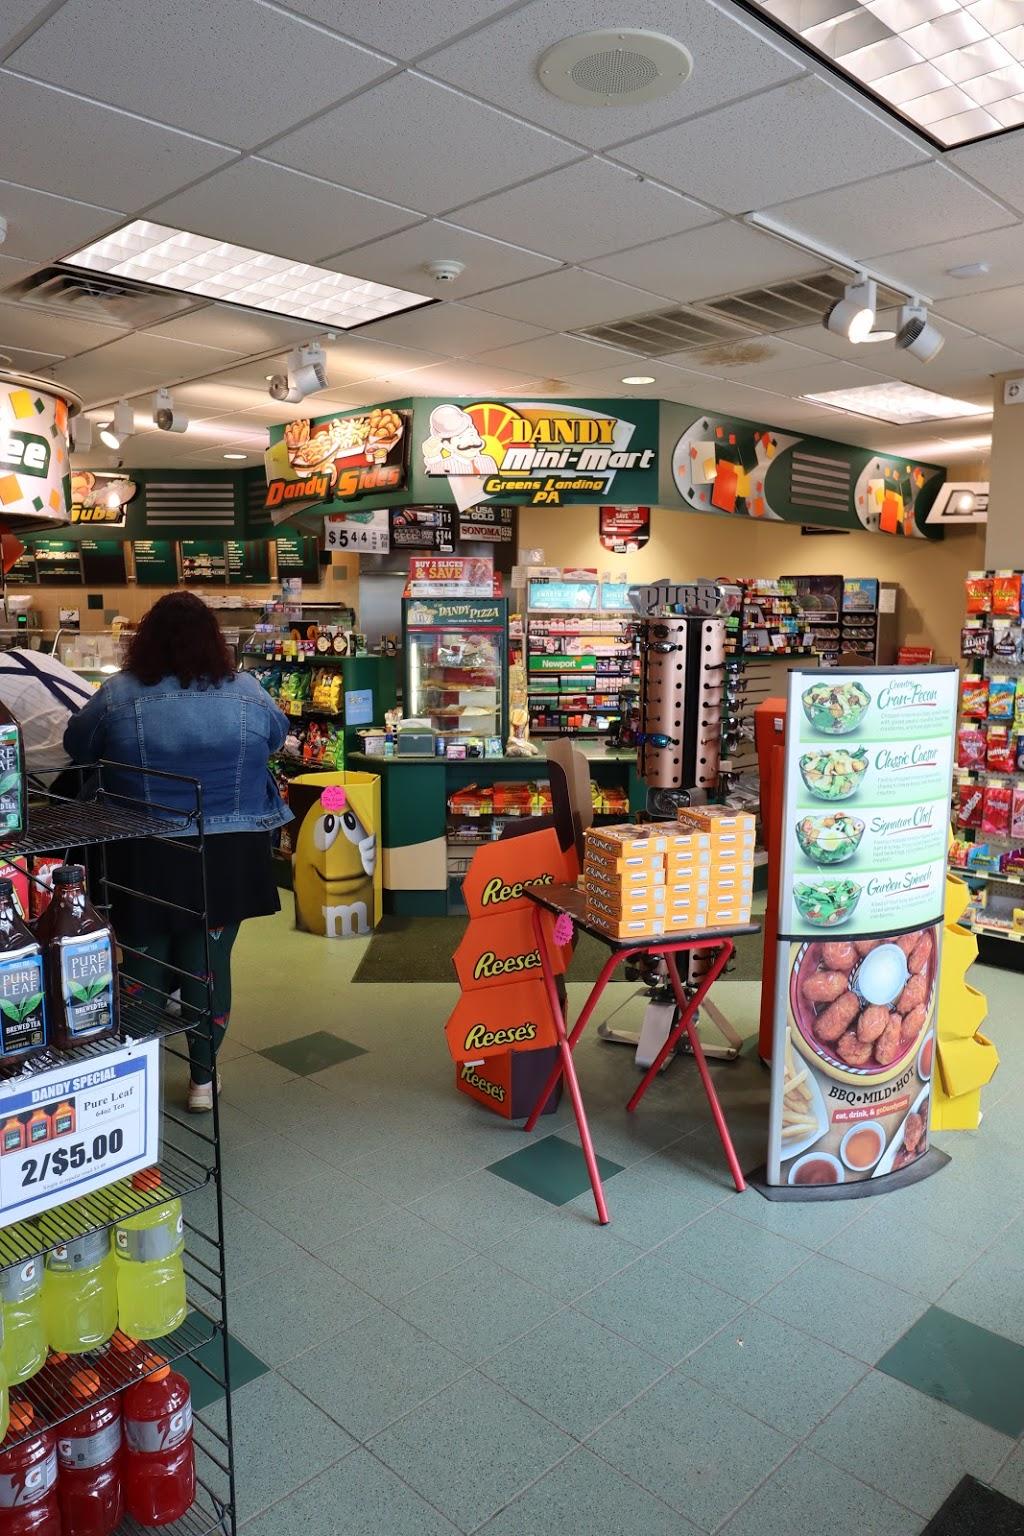 Dandy Mini Mart - bakery  | Photo 2 of 10 | Address: 6994 Wolcott Hollow Rd, Athens, PA 18810, USA | Phone: (570) 888-2338